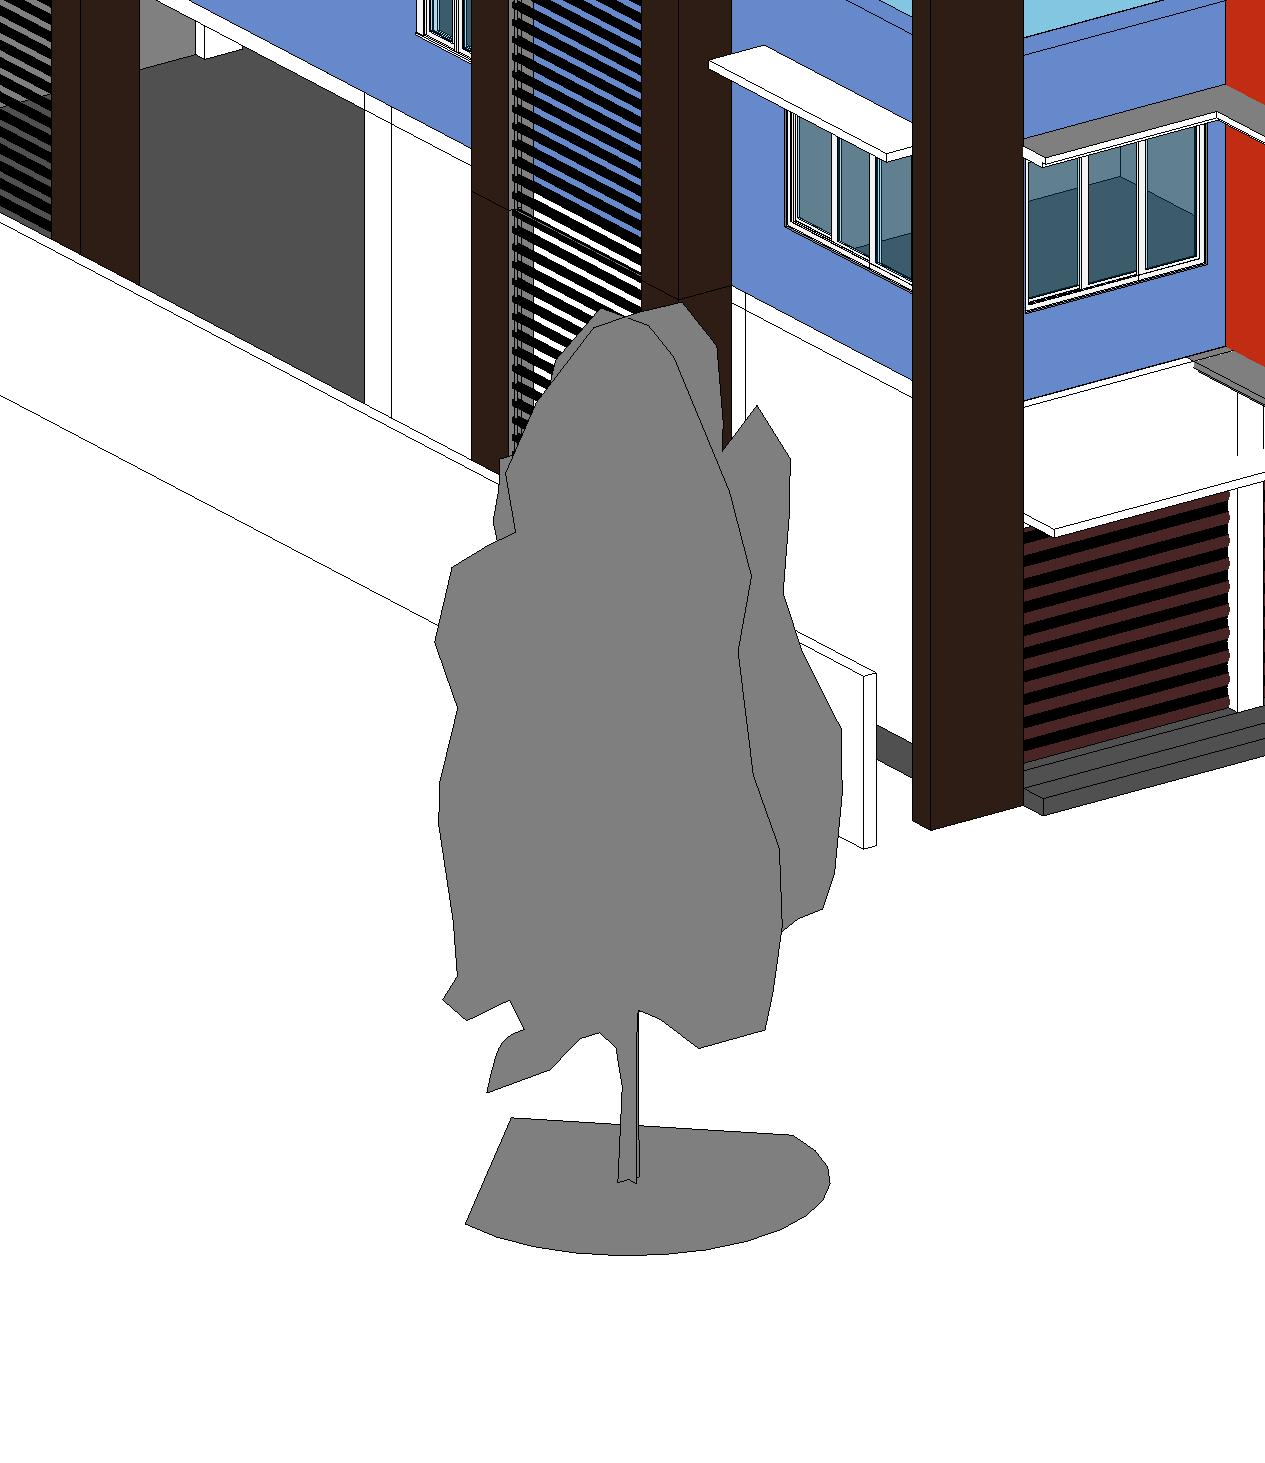 The standard tree representative in Revit